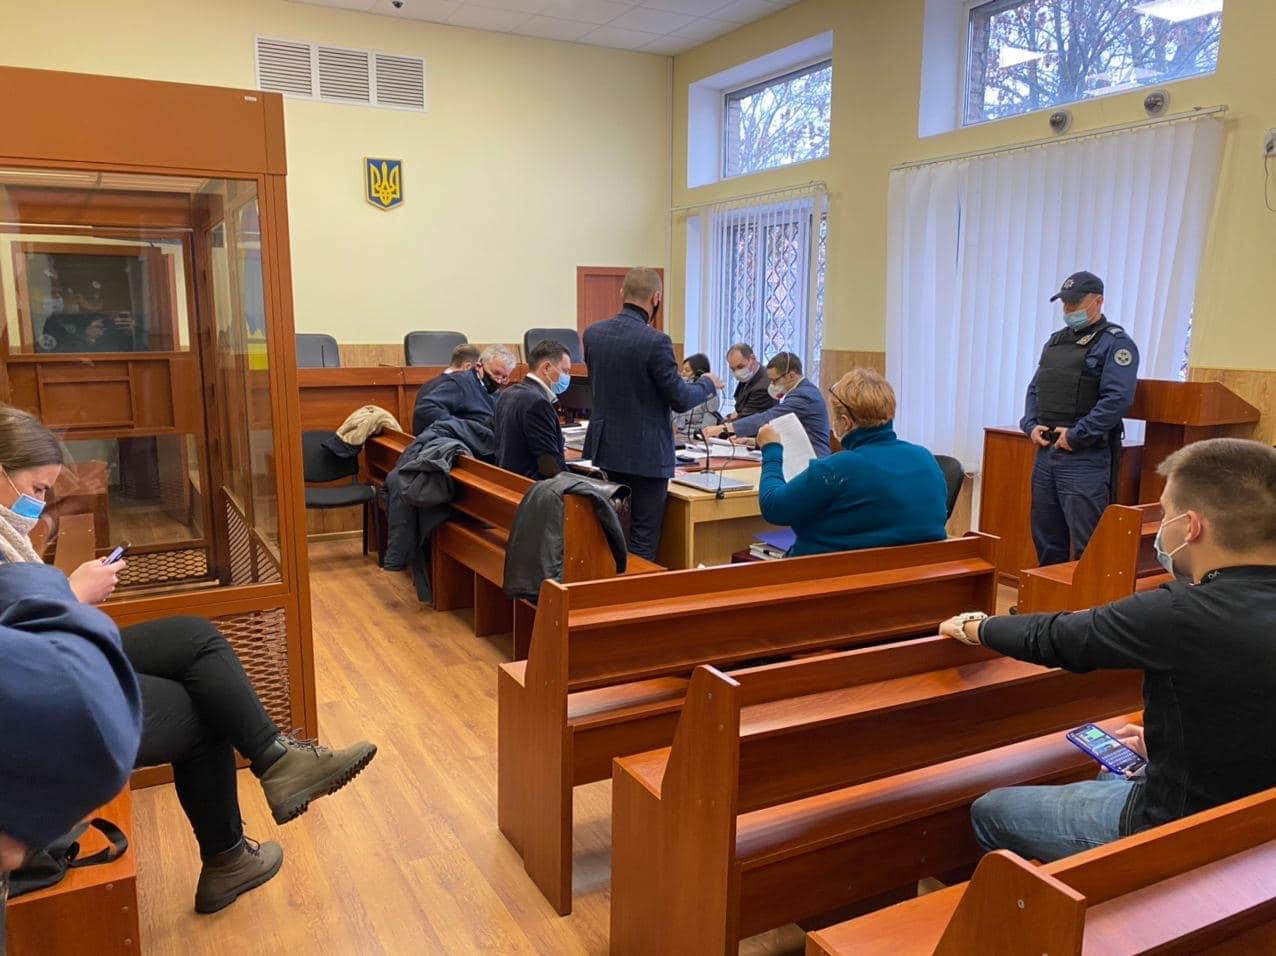 У переяславському суді допитували дітей, які бачили вбивство Кирила Тлявова - смерть, Переяслав-Хмельницький, Кирило Тлявов, Вбивство дитини - 126449988 171060897989561 225239670001783292 o